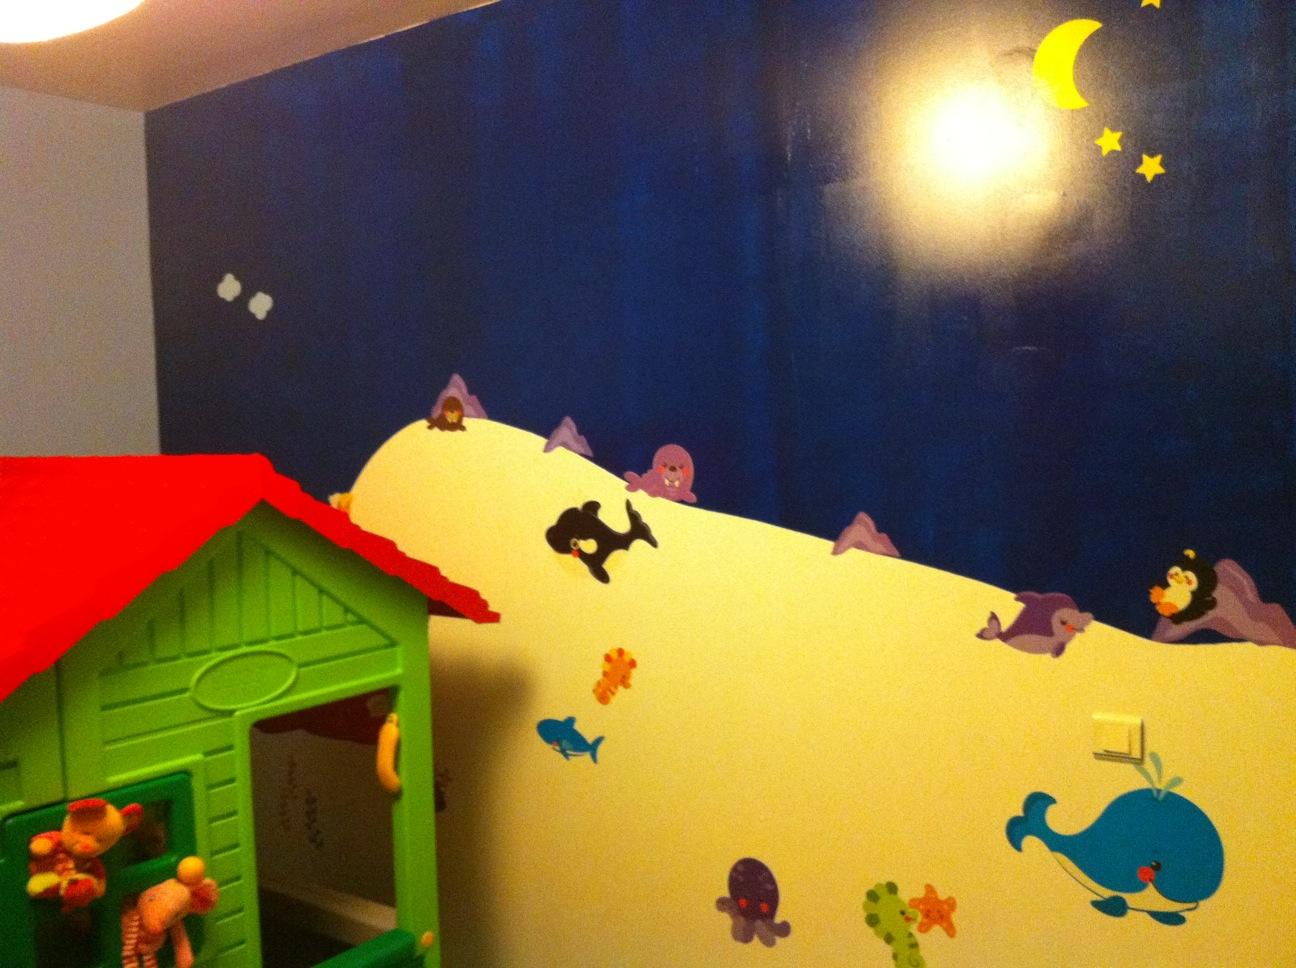 Decoration salle de jeux id es et conseils d co transformer une pi ce en sa - Idee deco salle de jeux ...